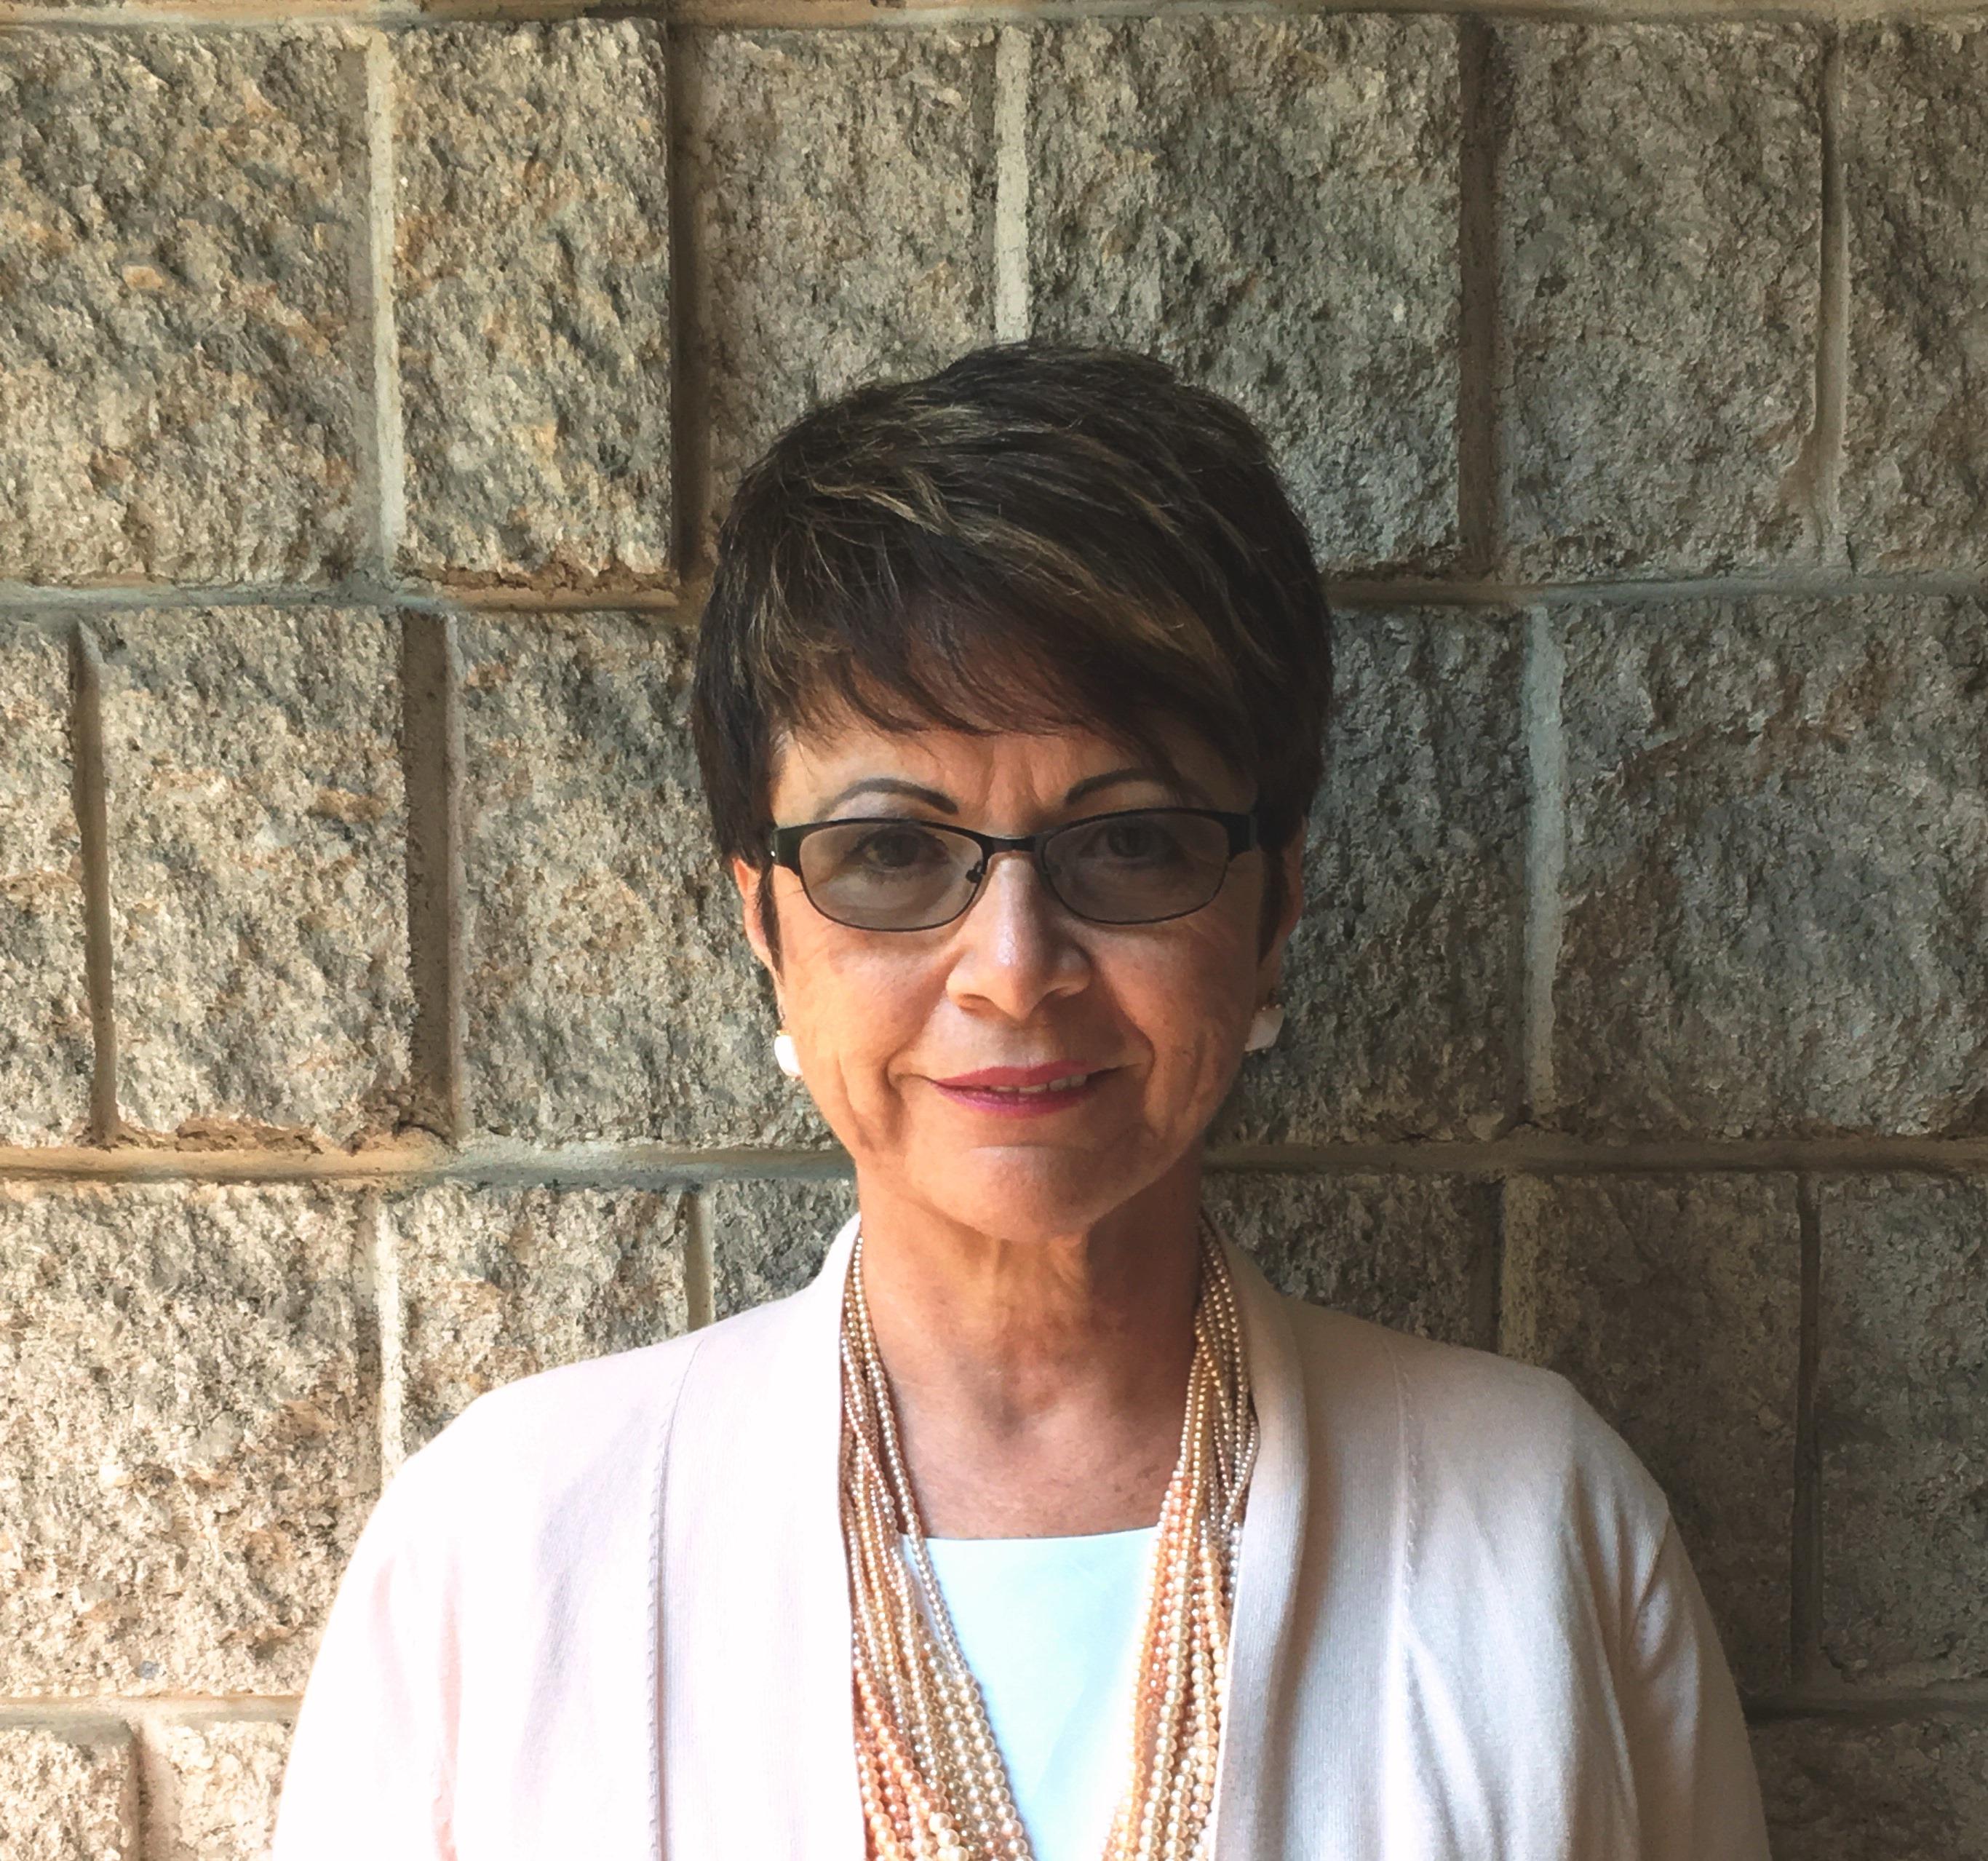 Barbara A. Grandinetti